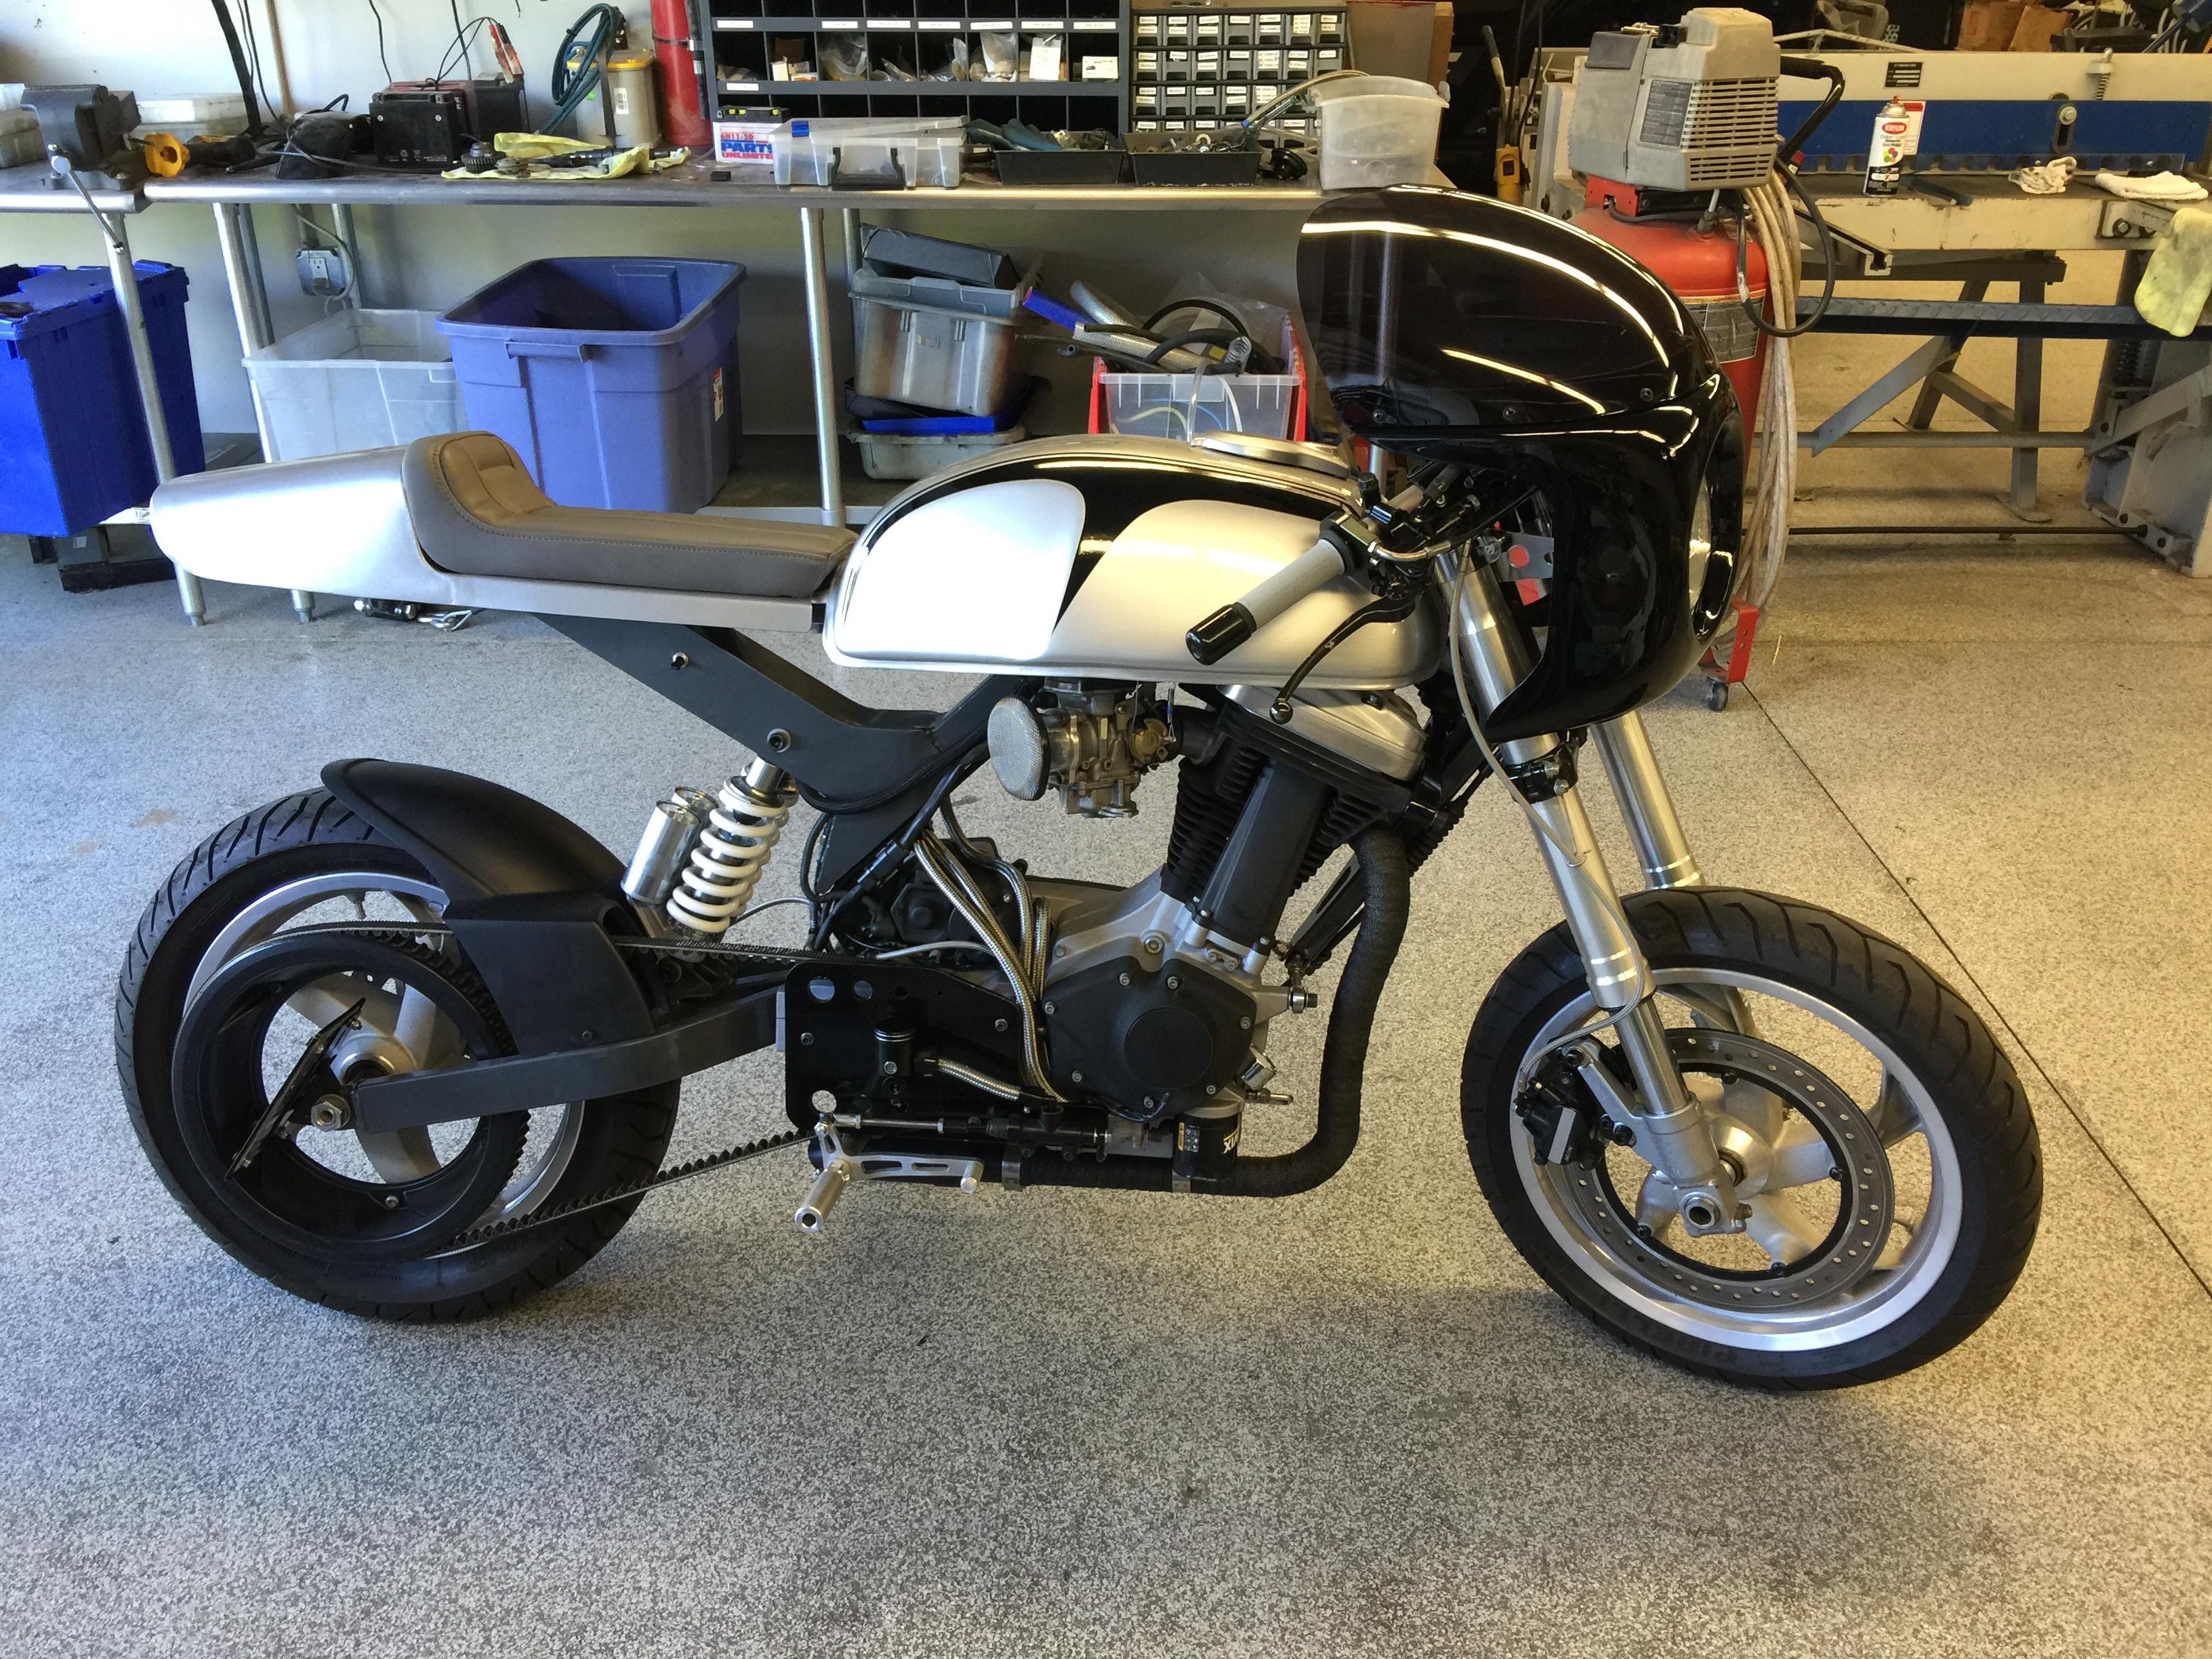 Harley Xr1200 Cafe Racer Impremedia Net - Wallpaperzen org